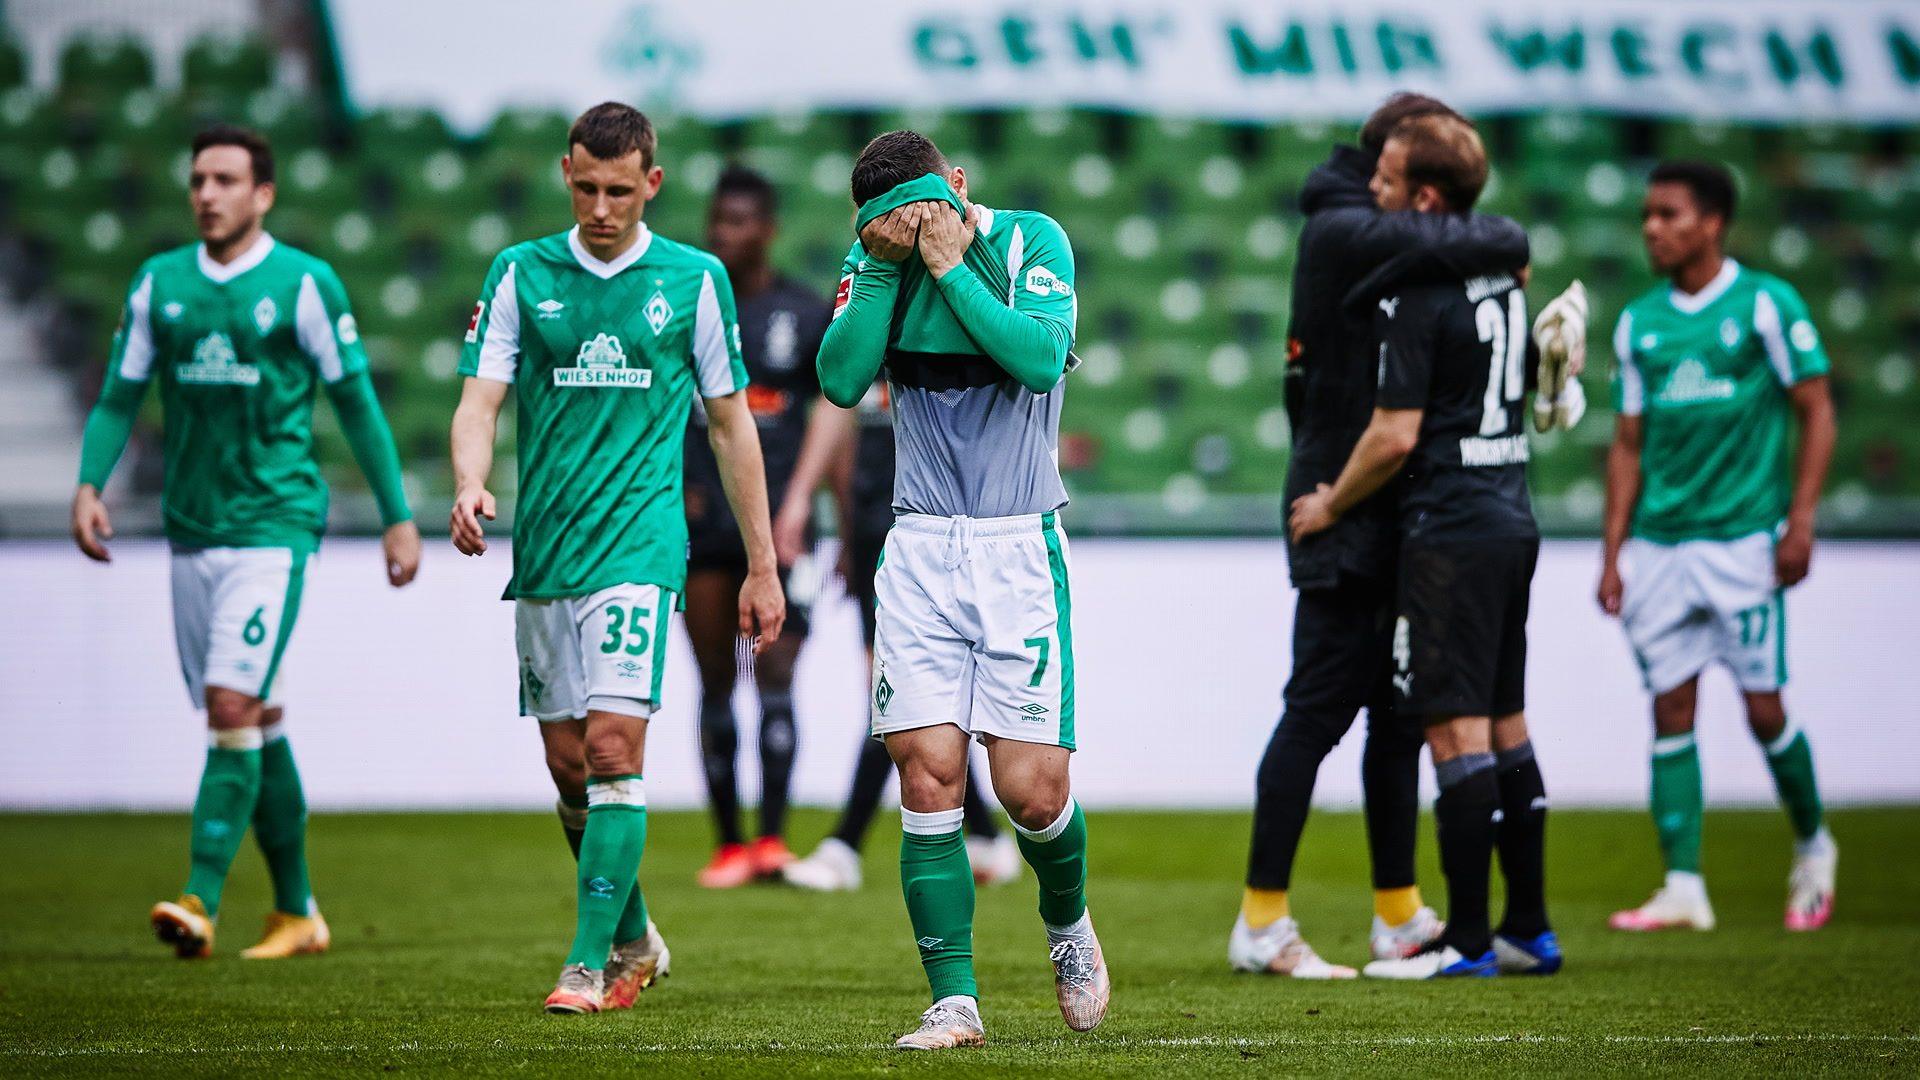 El Werder Bremen desciende; Colonia jugará el playoff para mantener la categoría